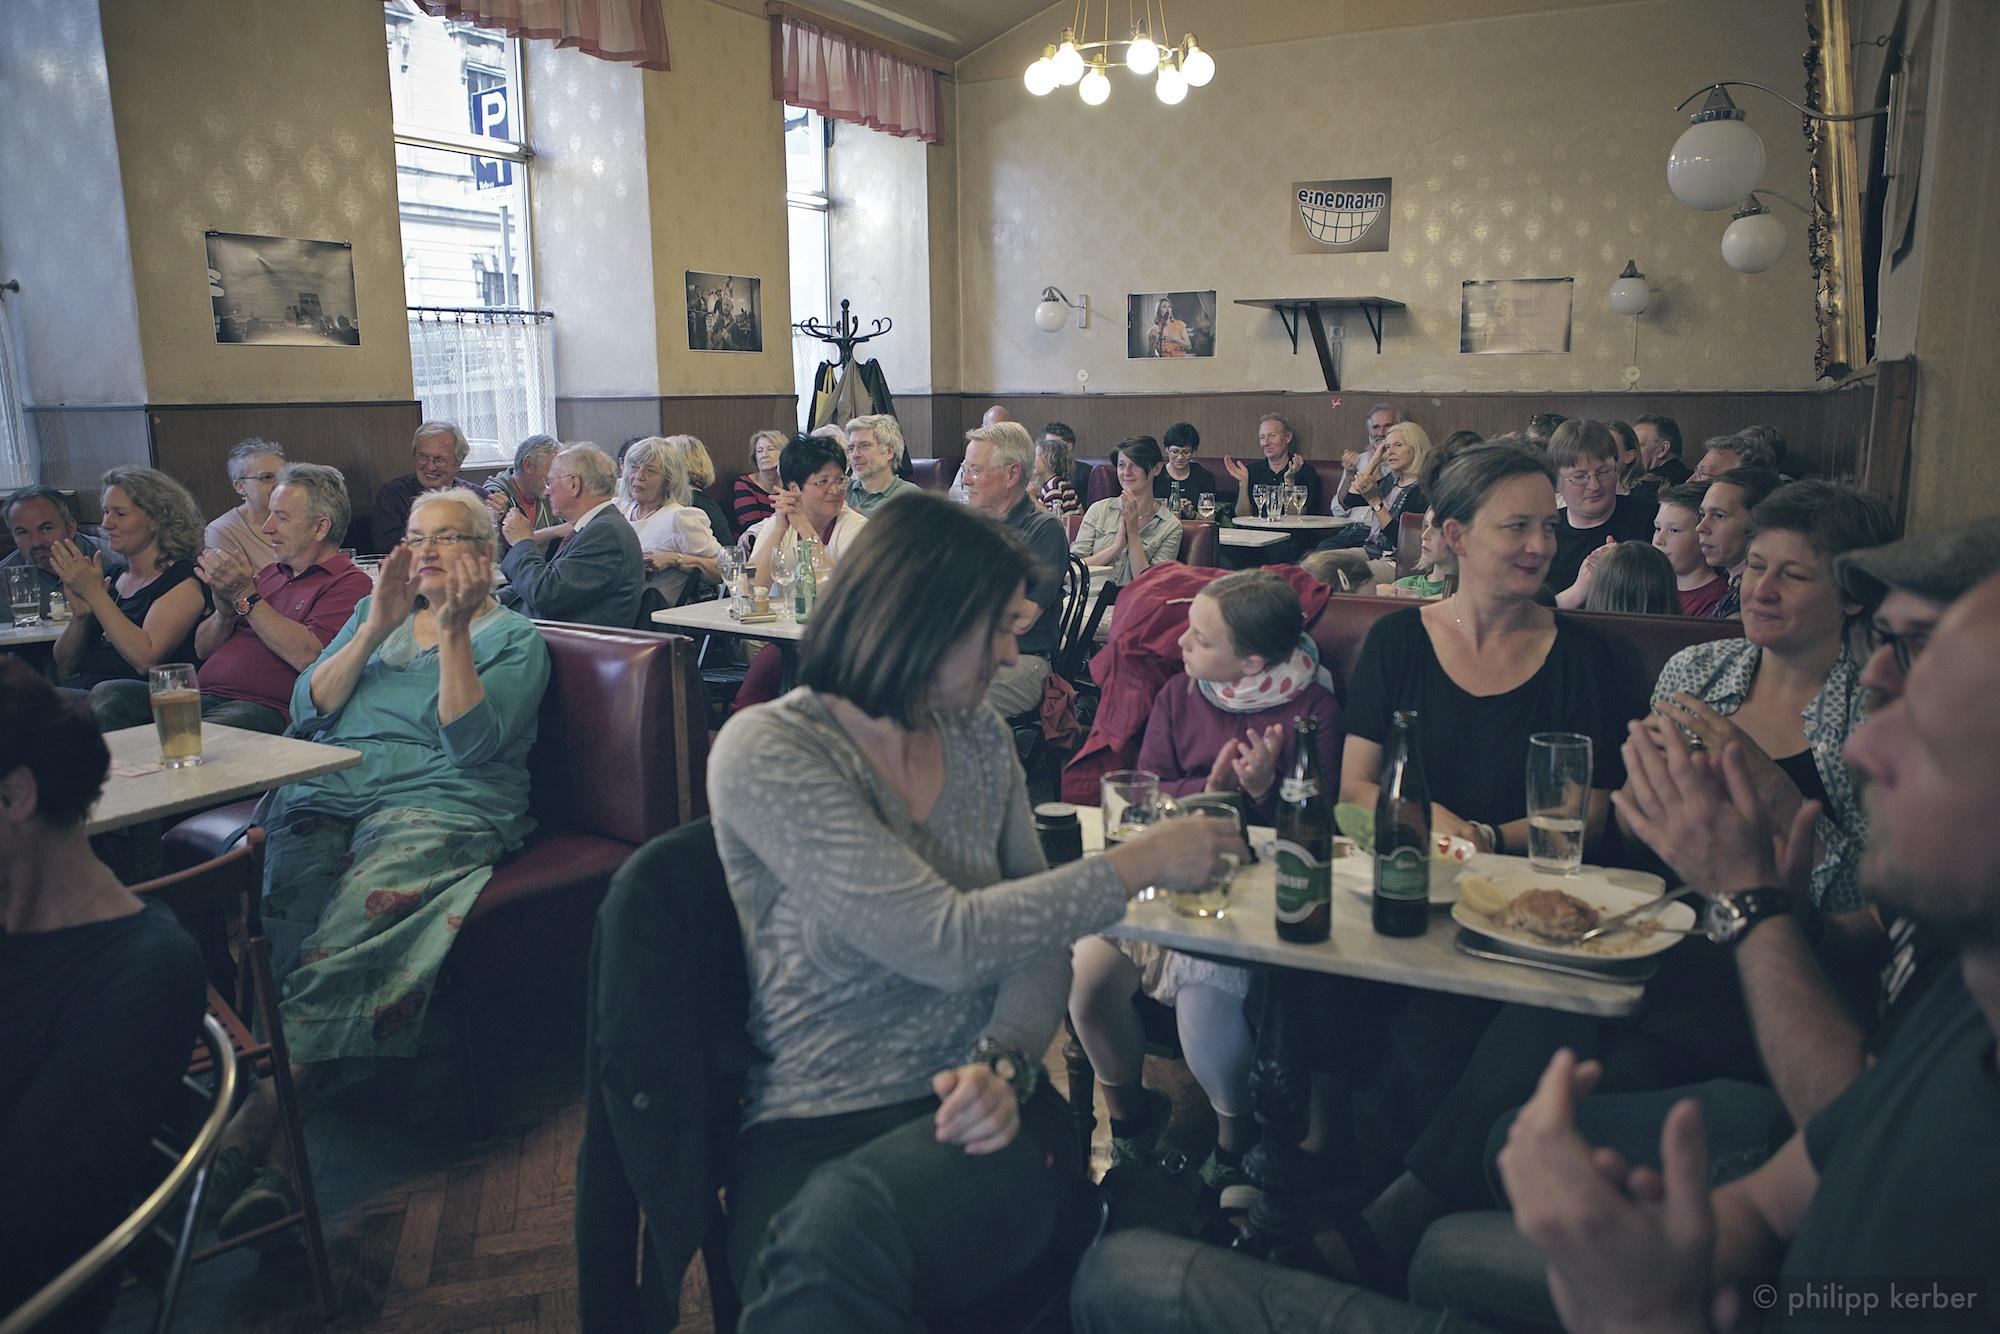 Einedrahn-Geburtstag_Publikum-im-Cafe-Heumarkt_01_PKerber